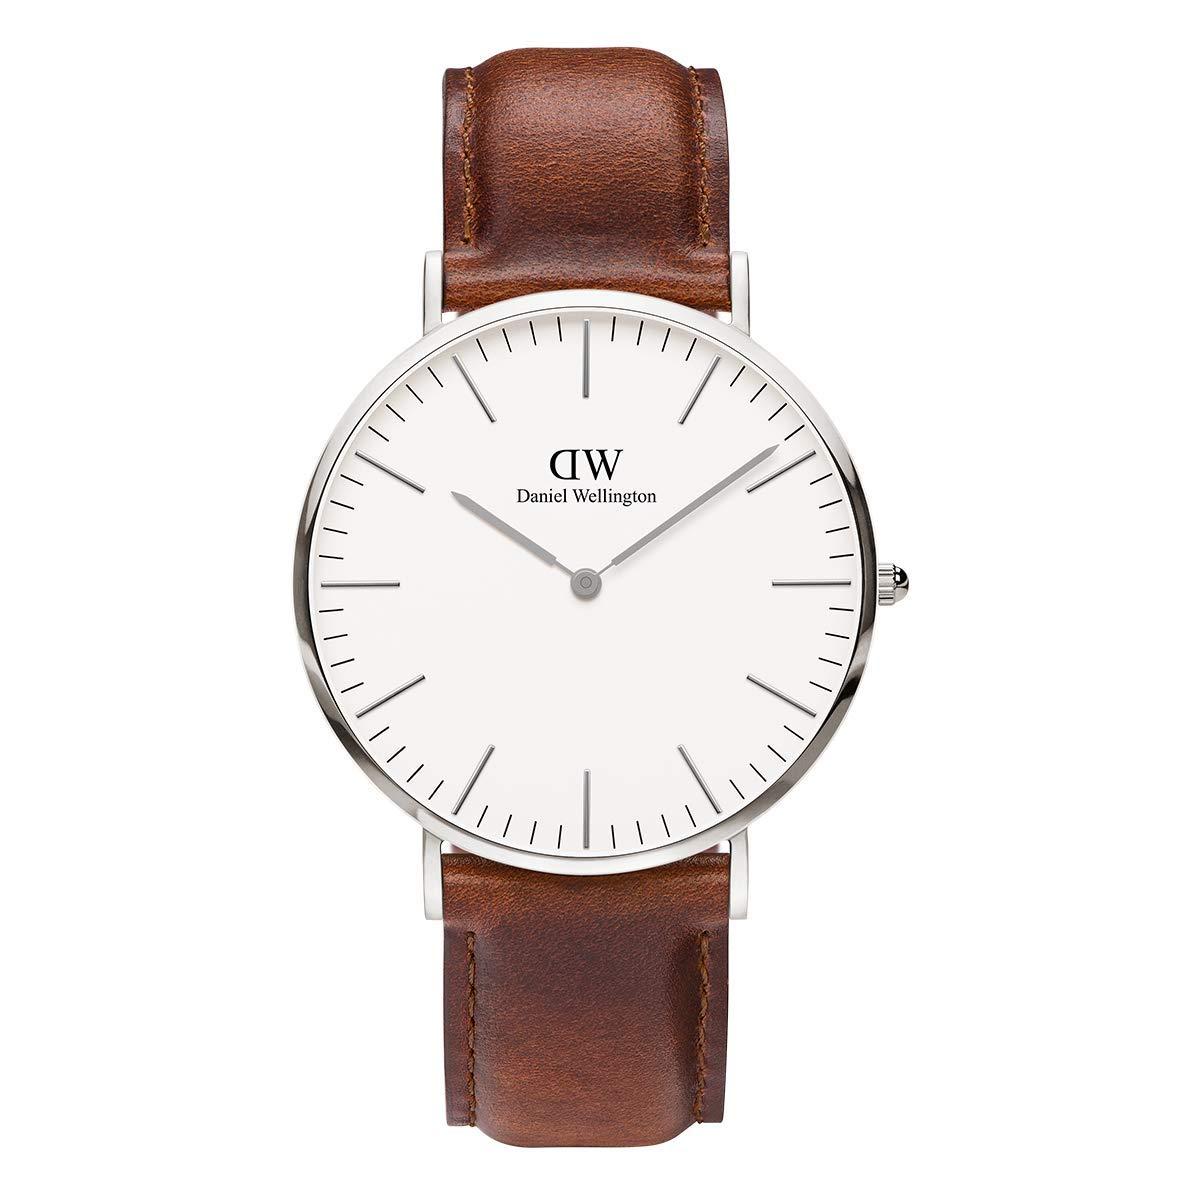 Daniel Wellington Trenduhren  Uhren Cambridge Herren Uhrzeit - 0203dw